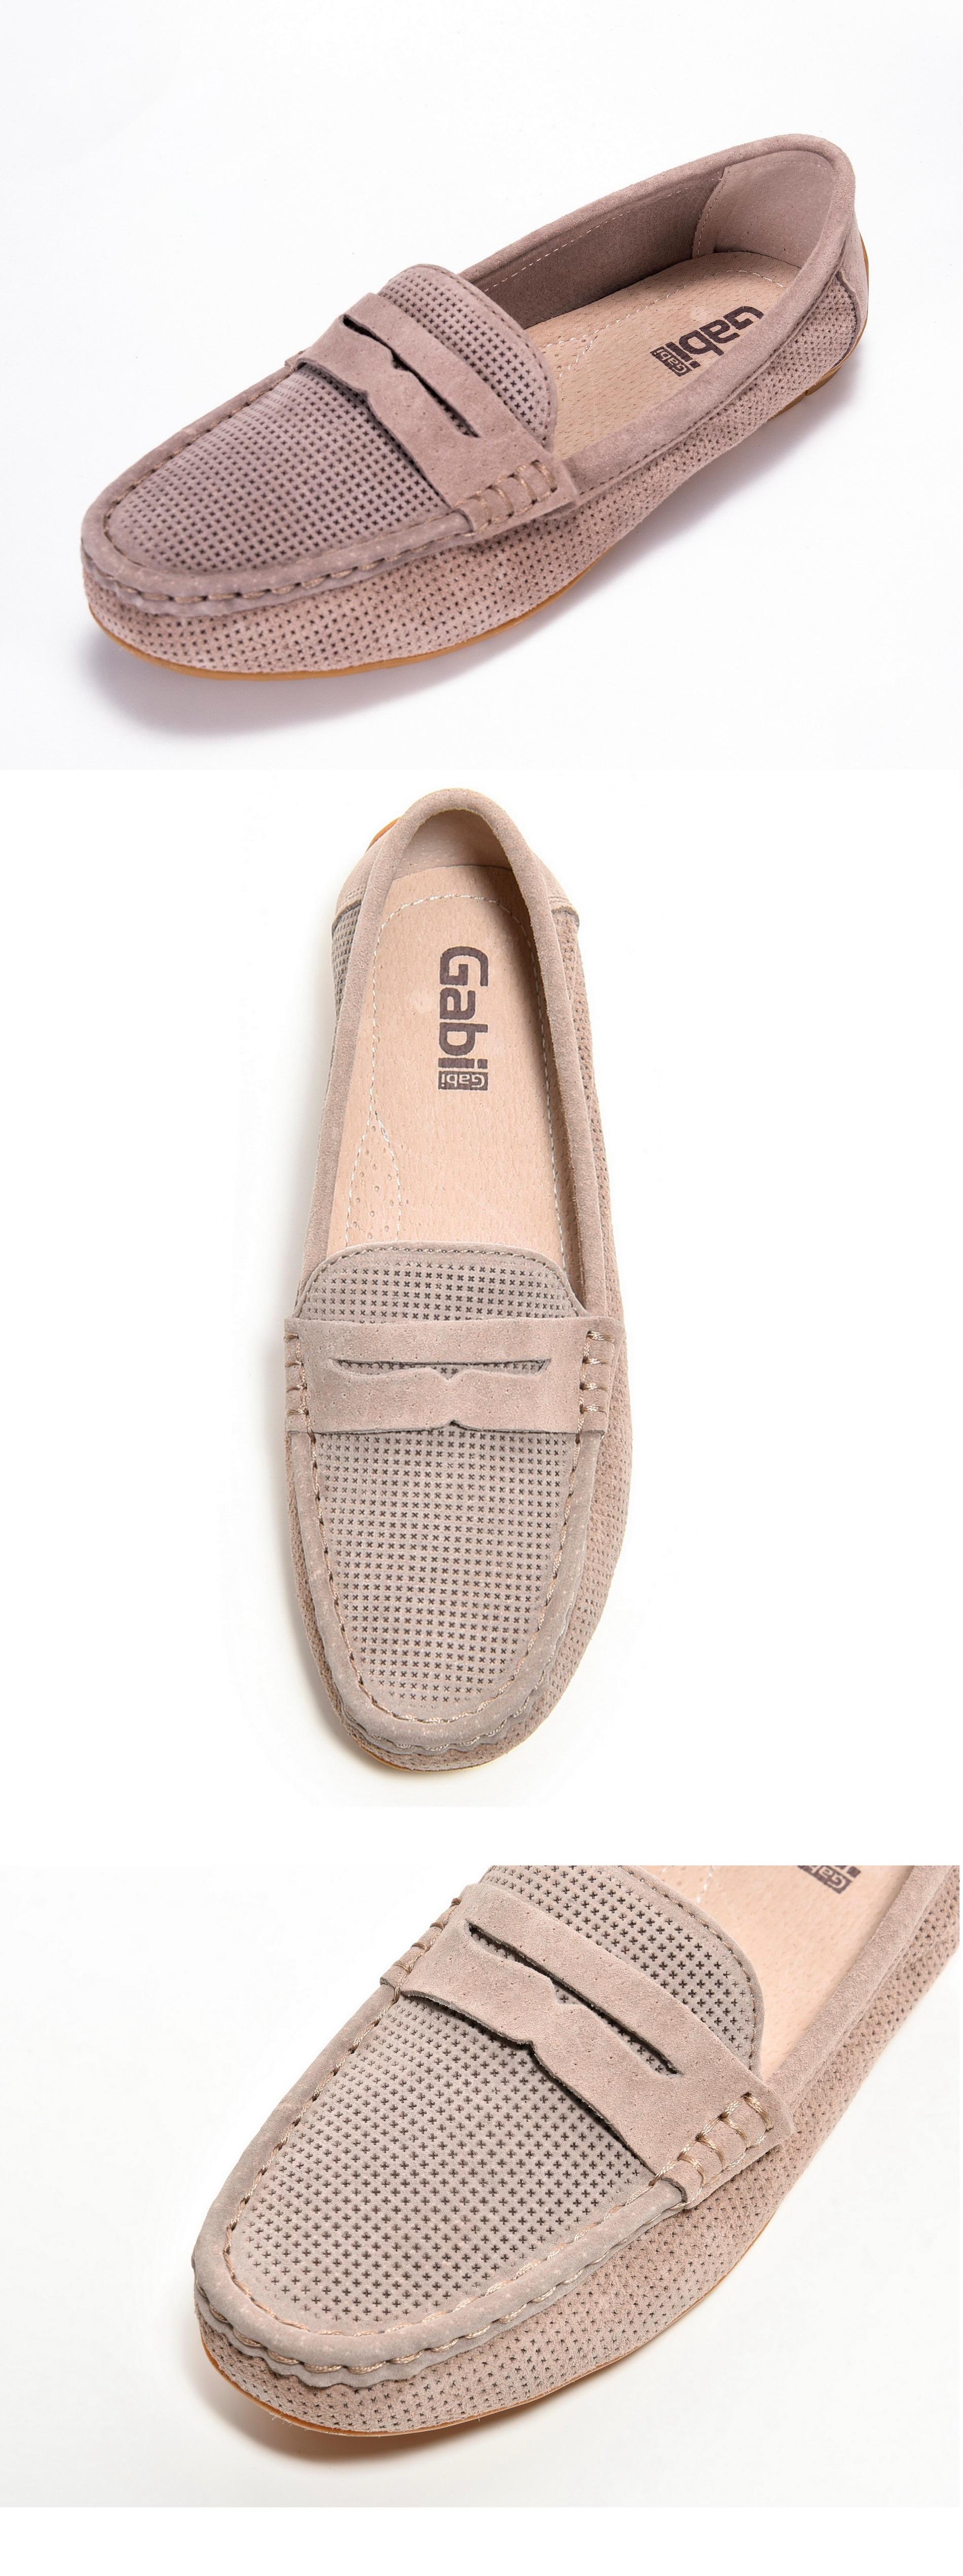 Sapatos femininos verão, mocassins azul; couro natural,